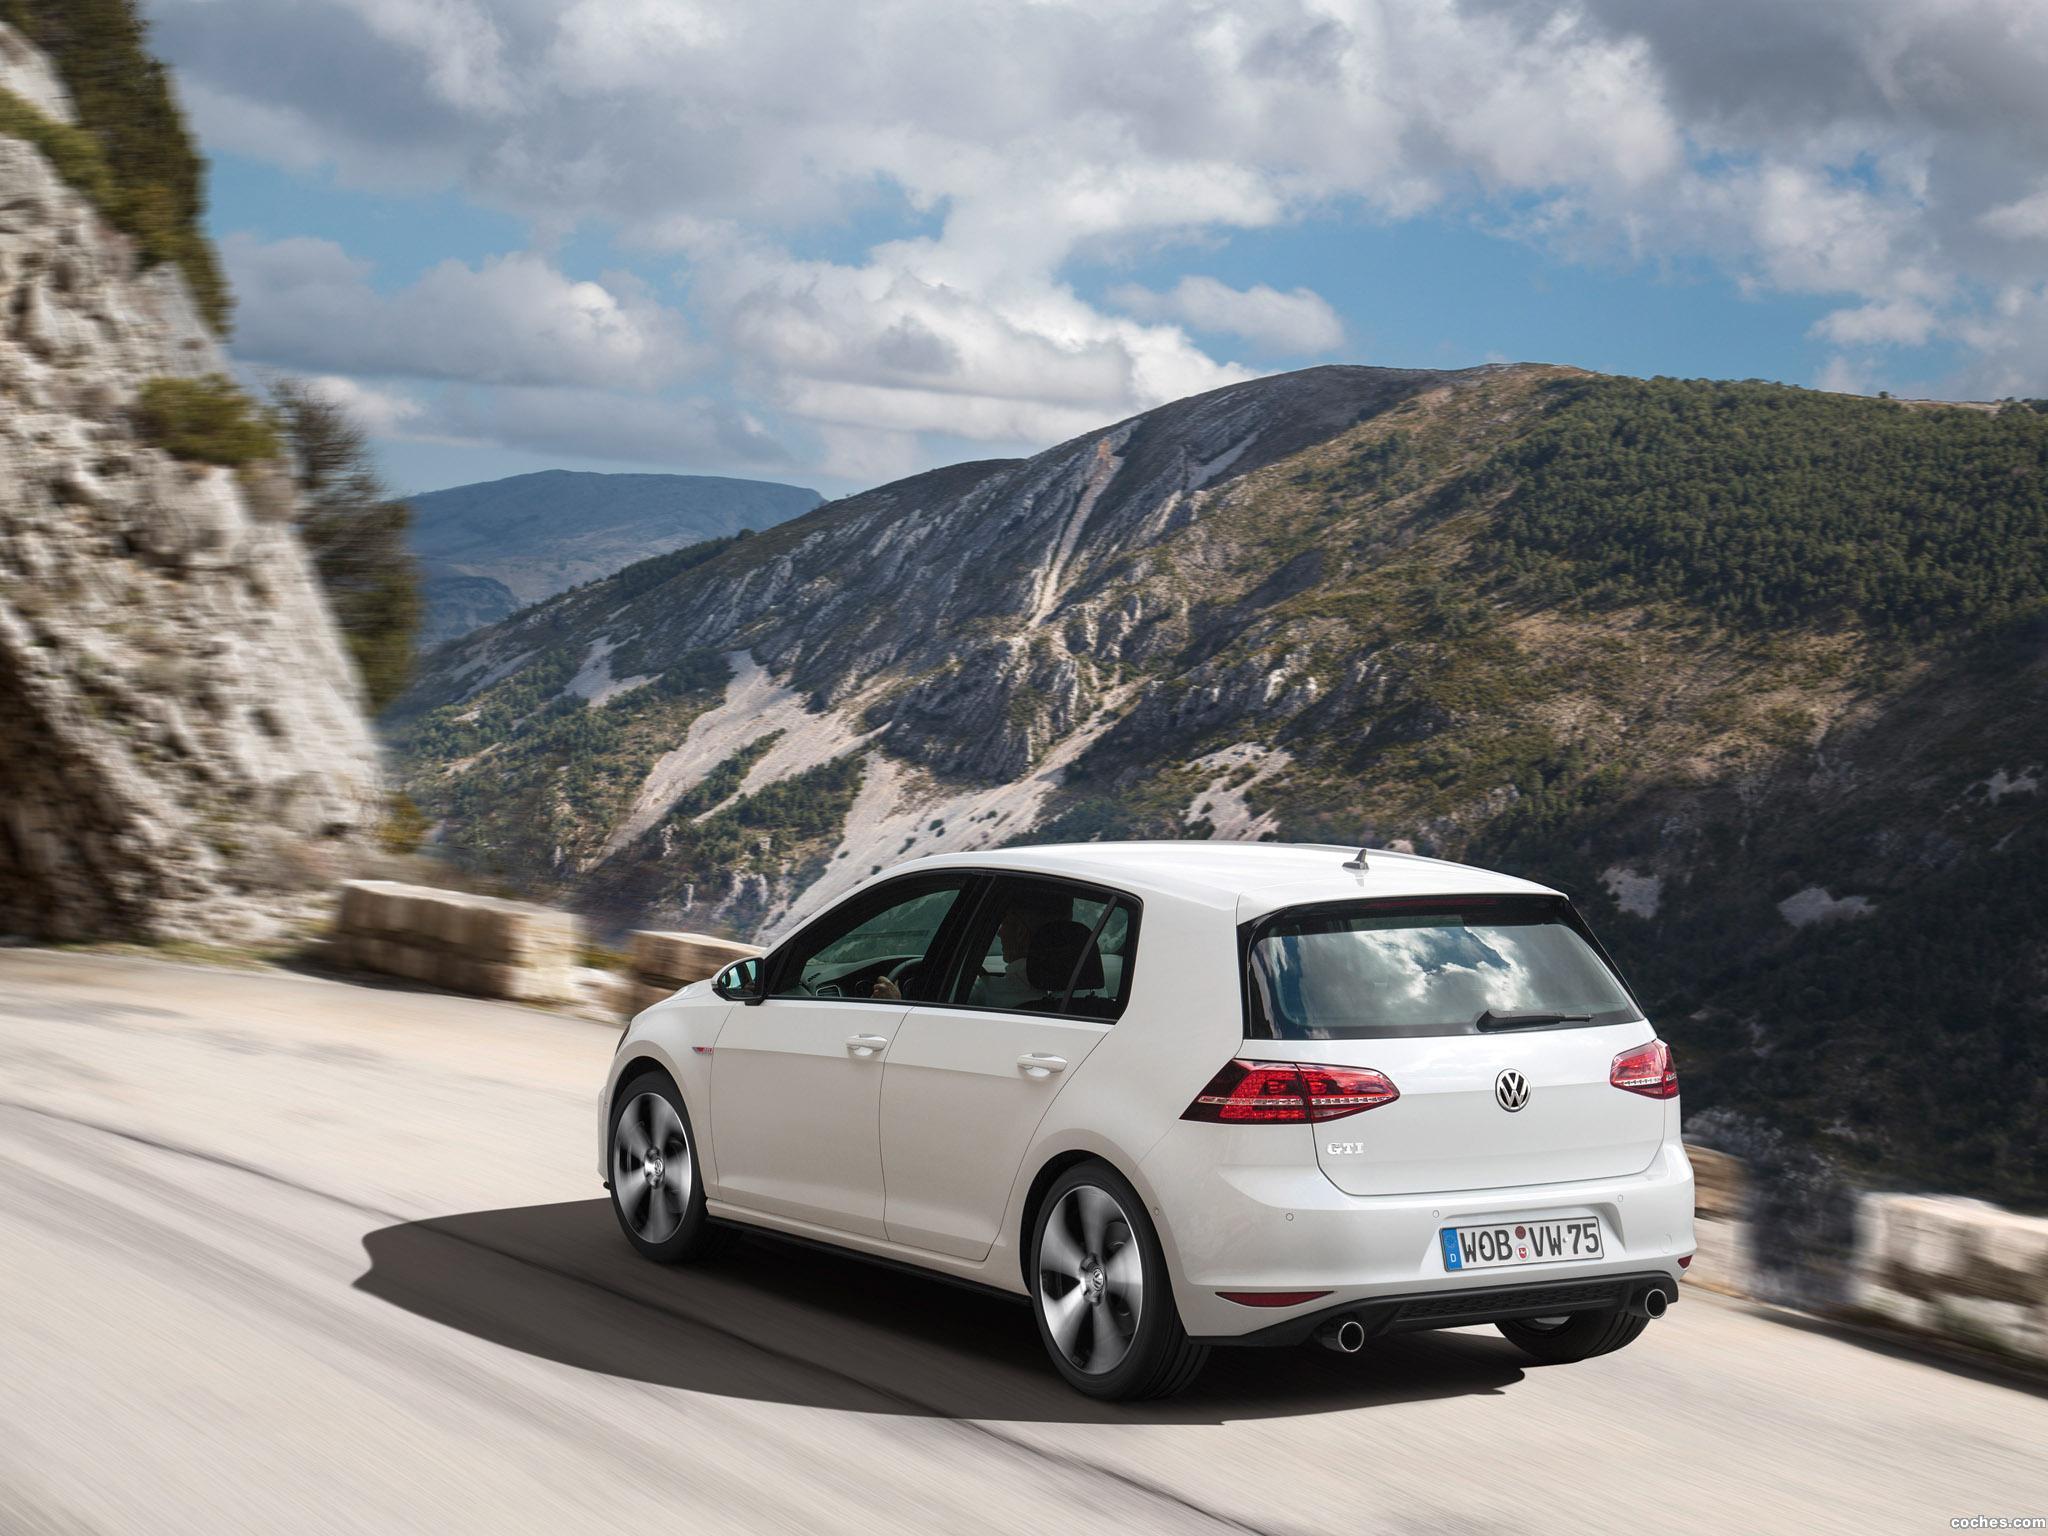 Foto 12 de Volkswagen Golf 7 GTI 5 puertas 2013